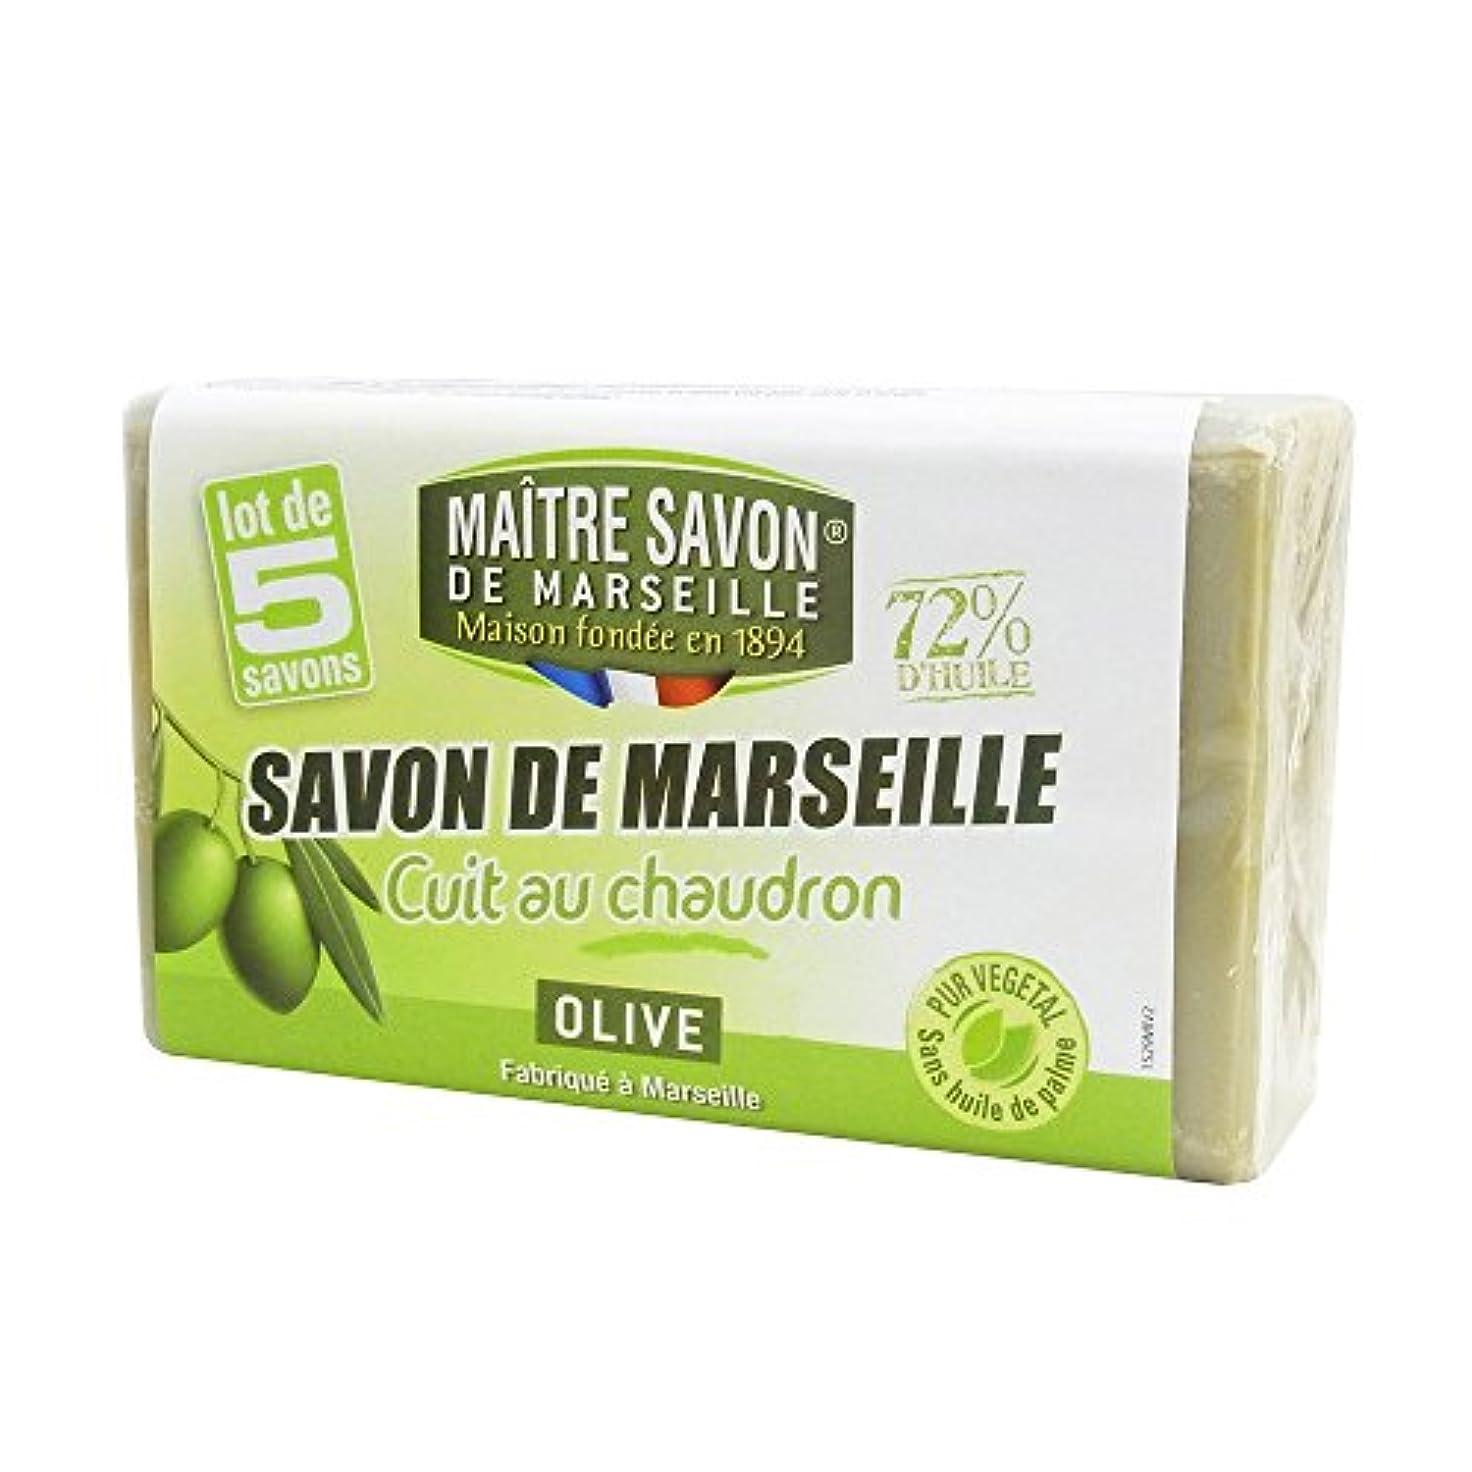 スタイルハンバーガー親愛なMaitre Savon de Marseille(メートル?サボン?ド?マルセイユ) サボン?ド?マルセイユ オリーブ 100g×5個